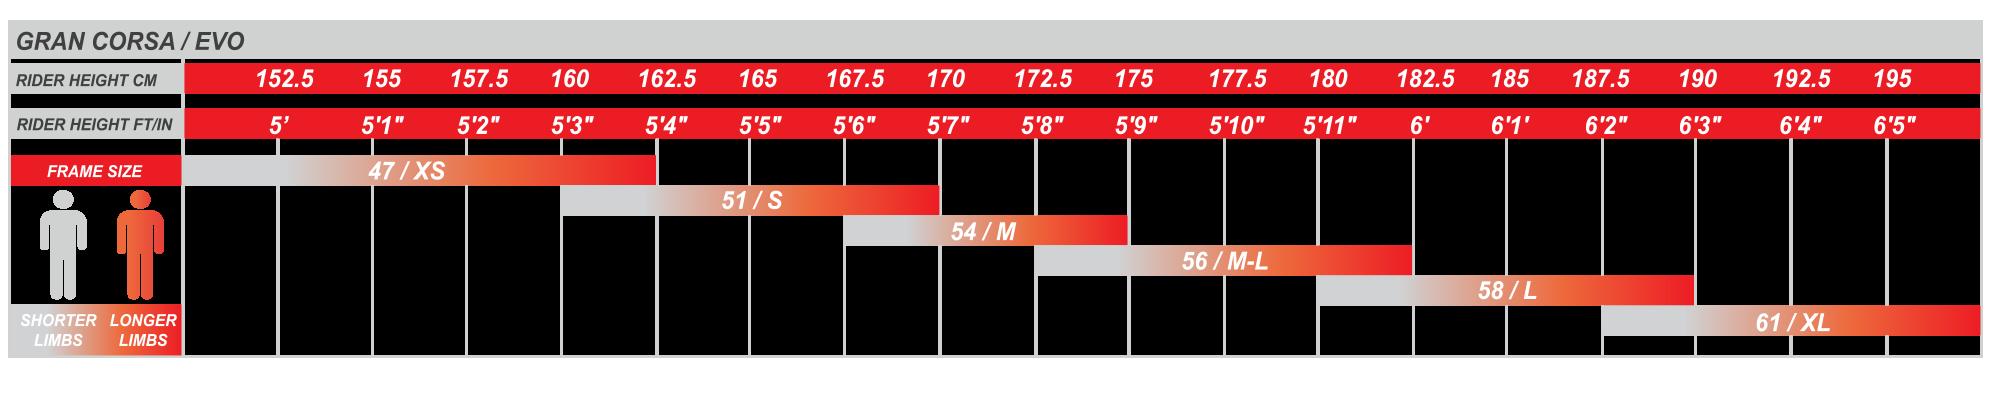 geo-size-chart-corsa-evo-2018.png